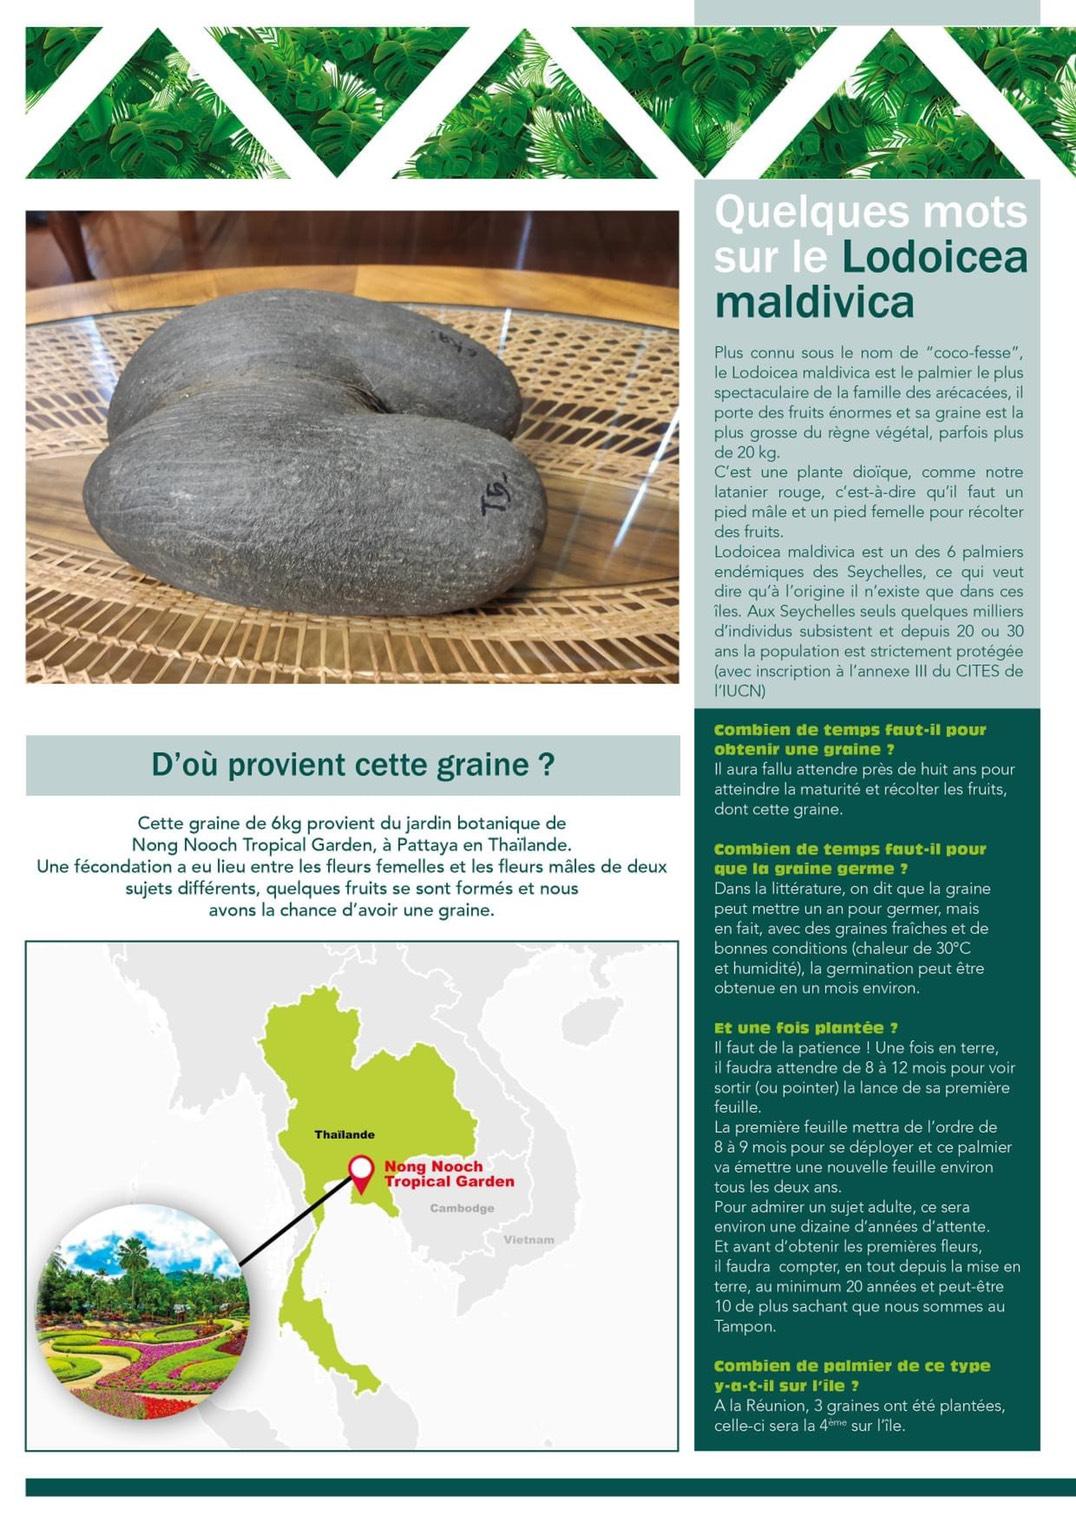 สวนนงนุชพัทยา มอบเมล็ดมะพร้าวทะเล ไปปลูกที่หมู่เกาะรียูเนียน ประเทศฝรั่งเศส